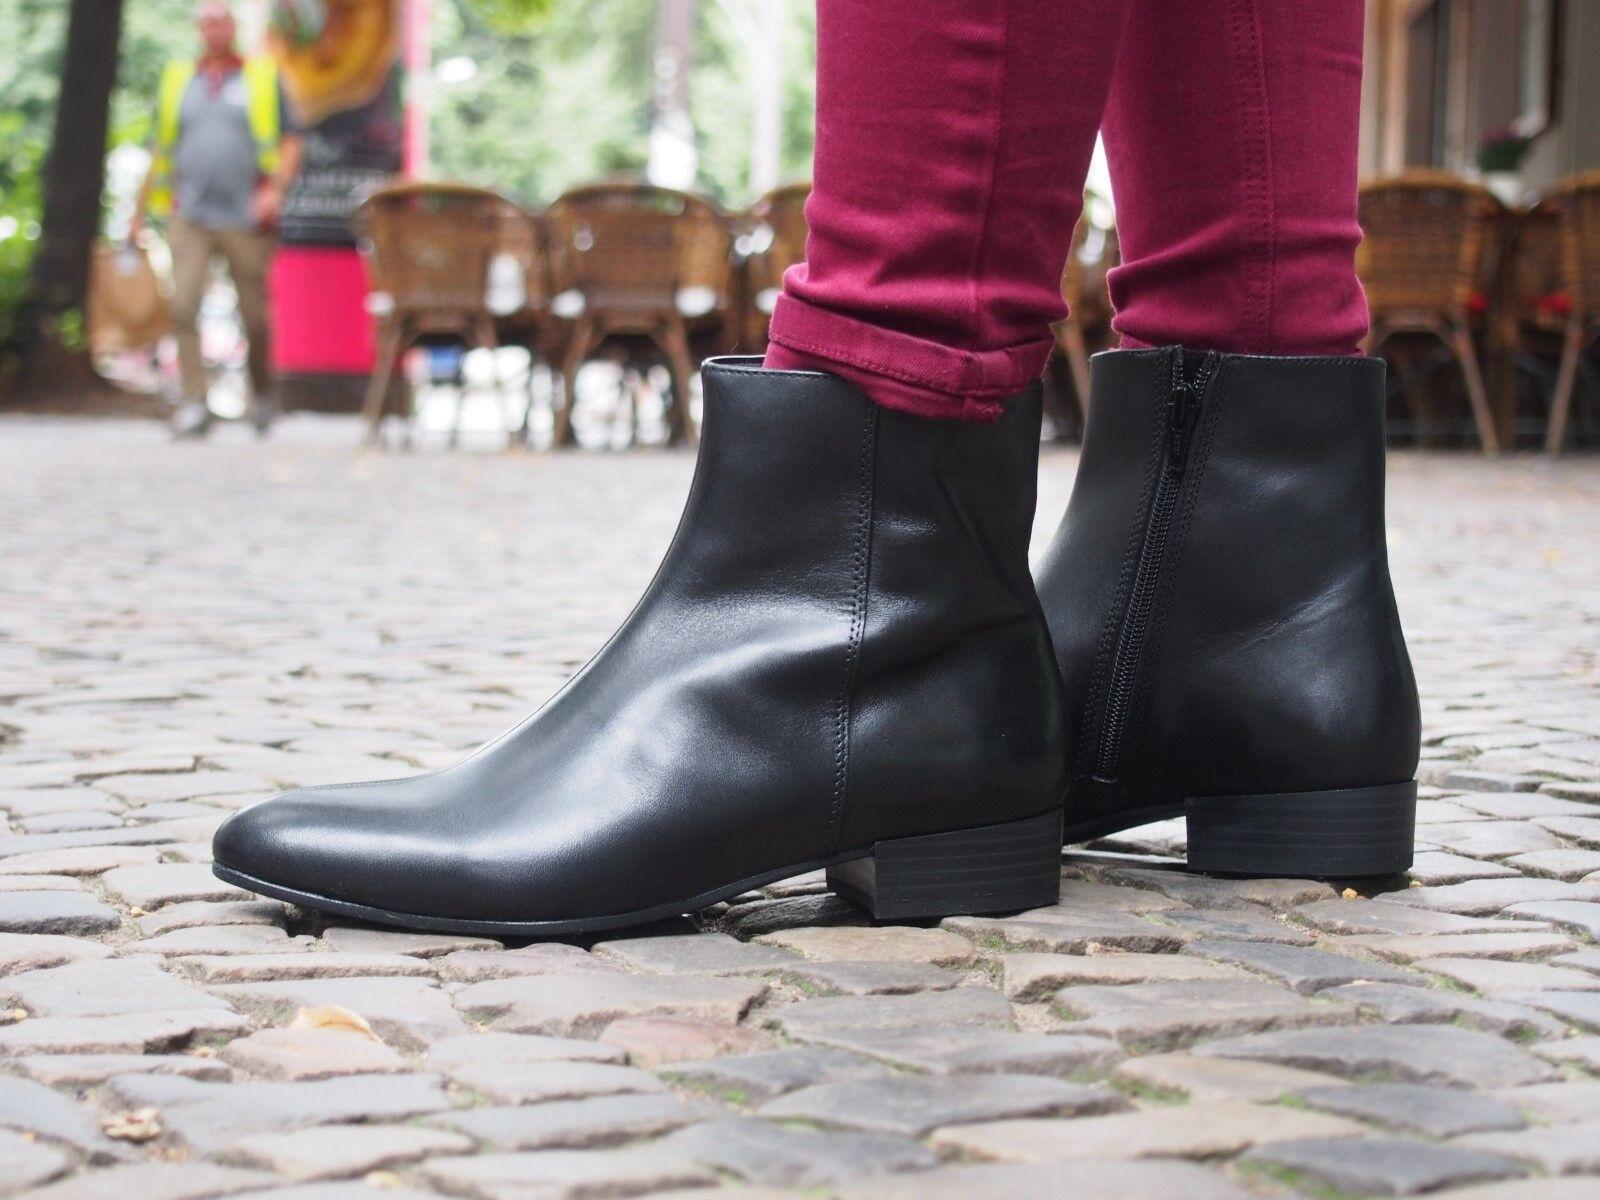 Vagabond Schuhe NEU Ankle Stiefel GIGI schwarz 4201-301 schwarz Stiefelette Echtleder